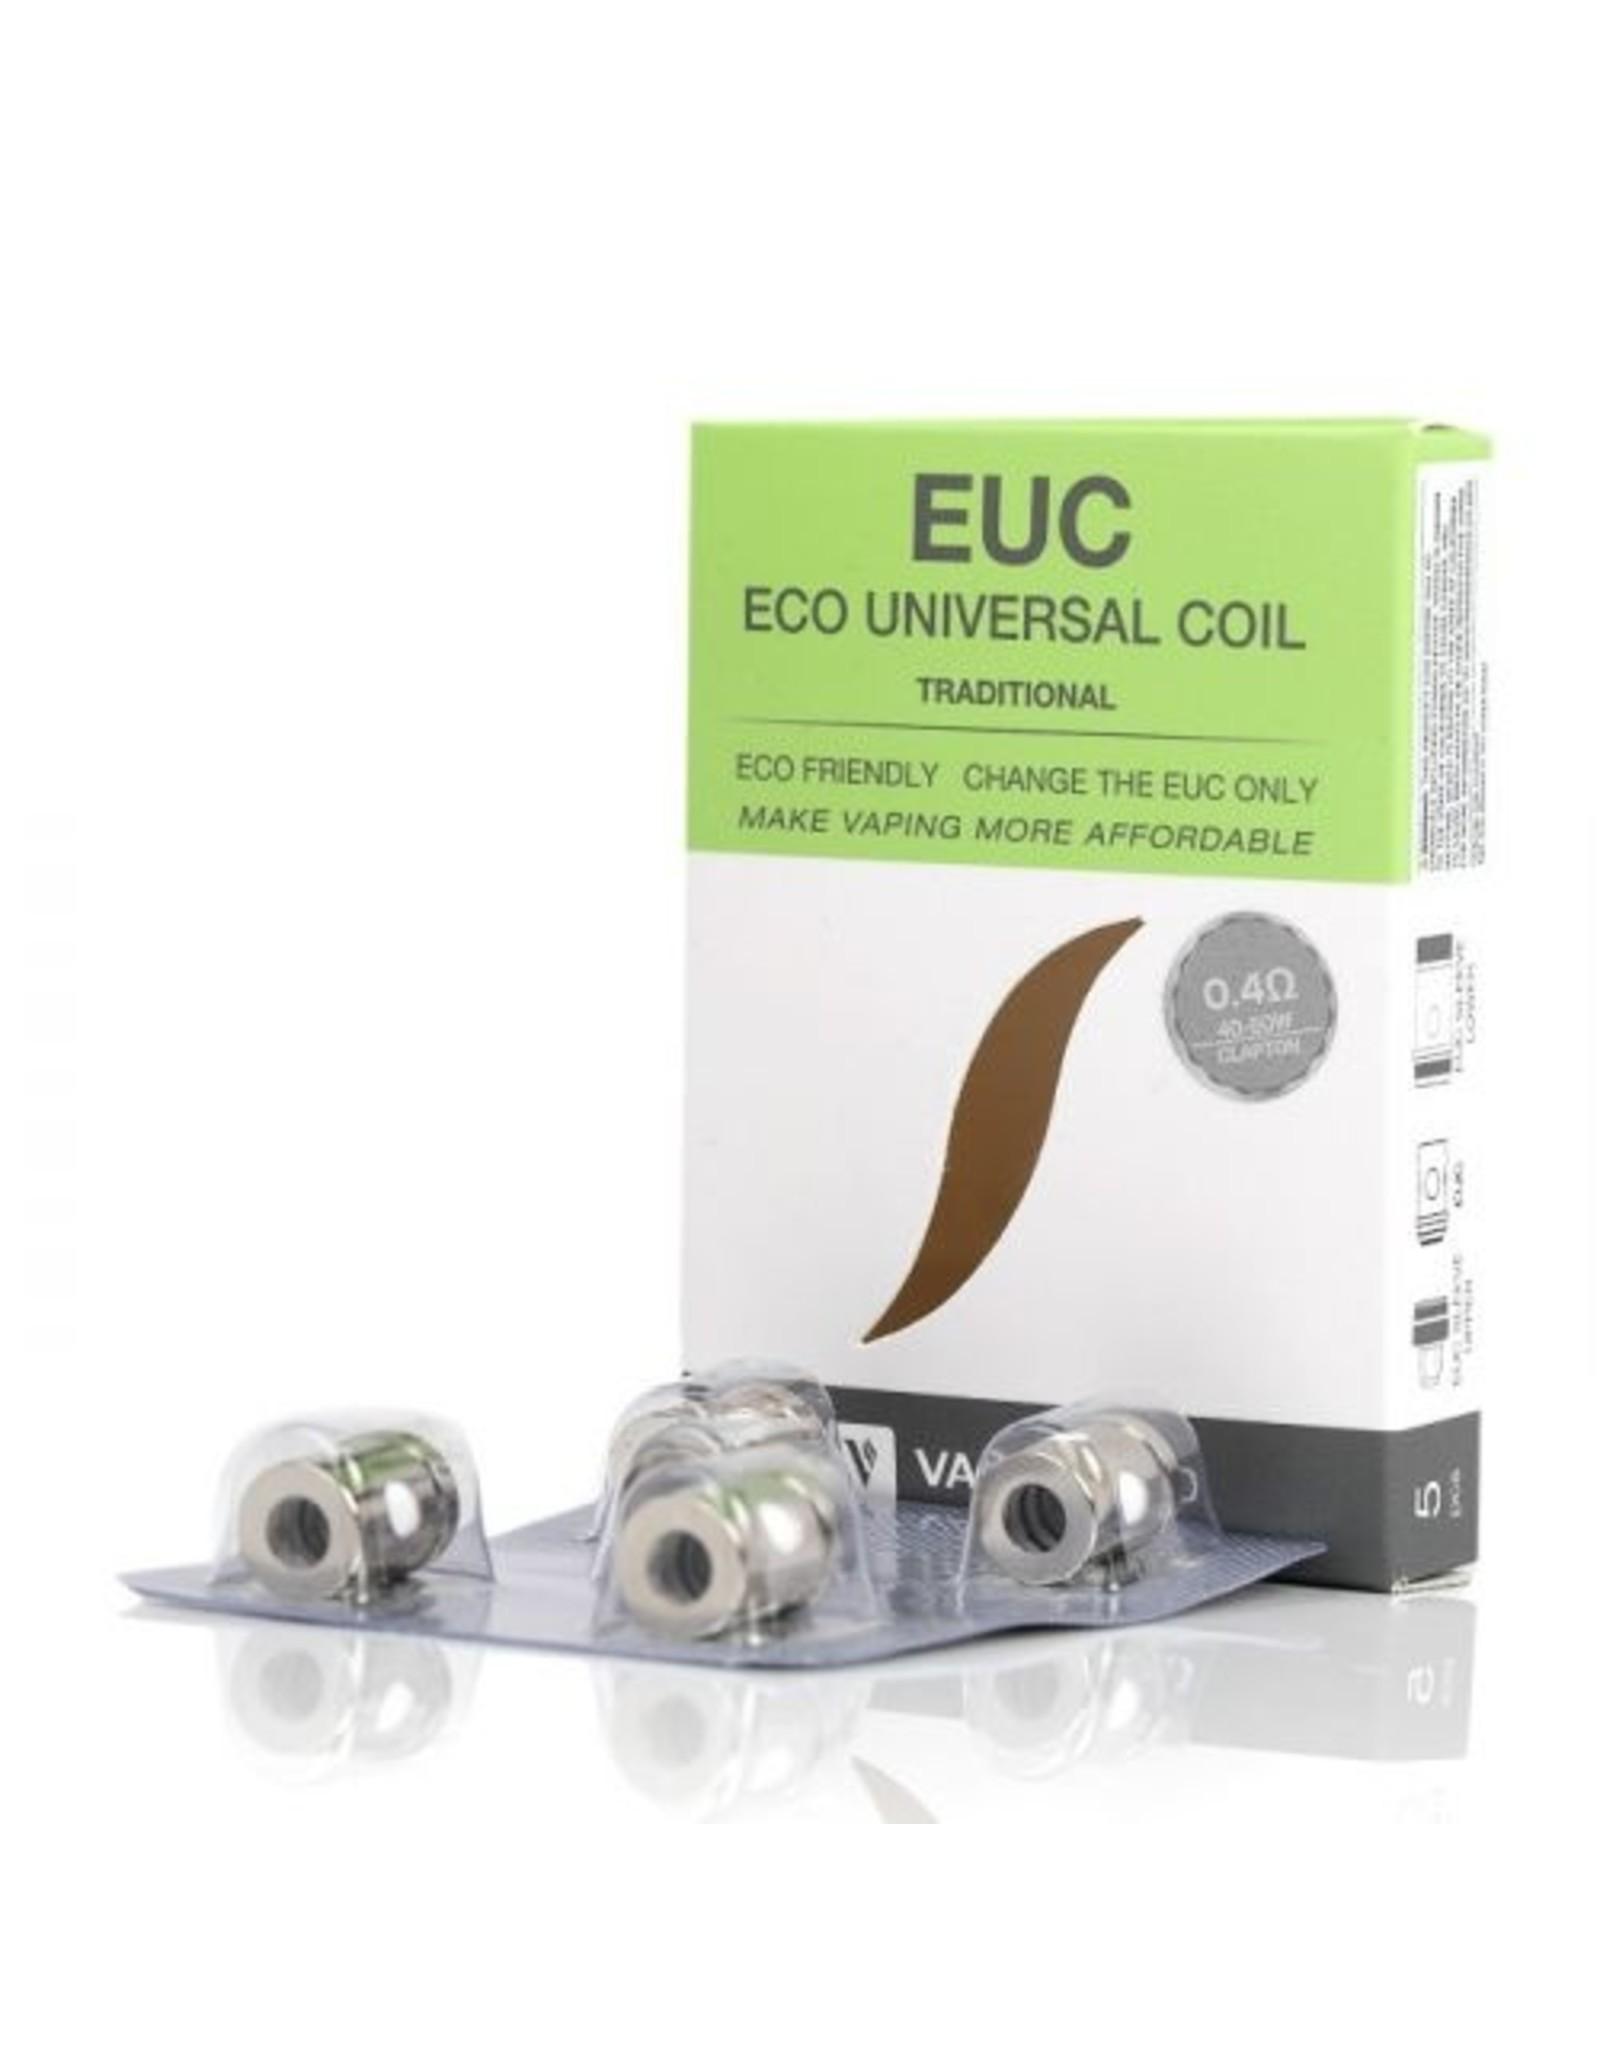 Vaporesso Vaporesso EUC Replacement Coils (Single) Clapton 0.4 ohm